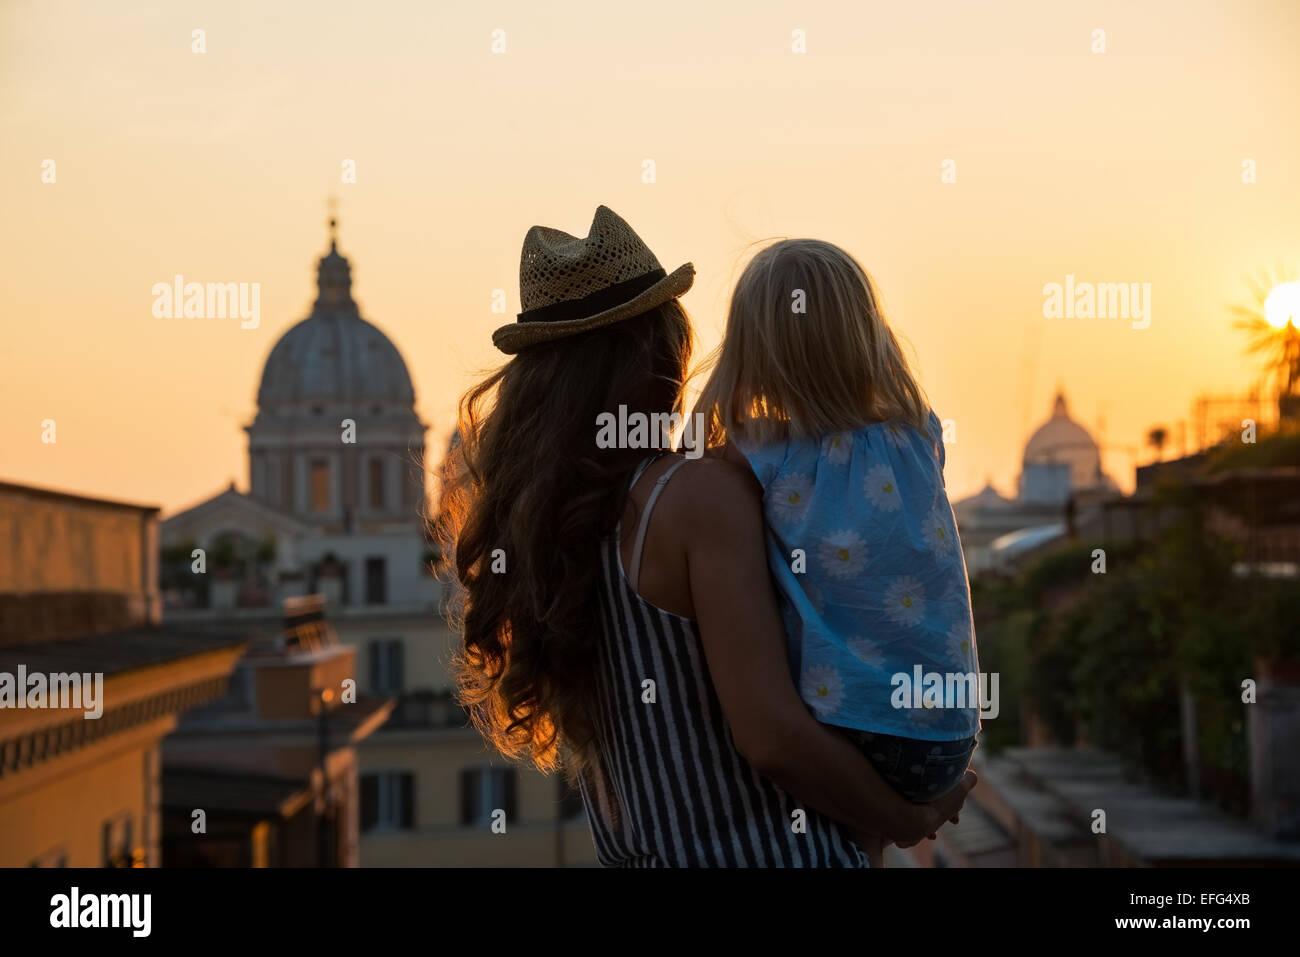 Silhouette von Mutter und Baby Mädchen auf der Suche auf den Dächern von Rom am Sonnenuntergang. Rückansicht Stockfoto